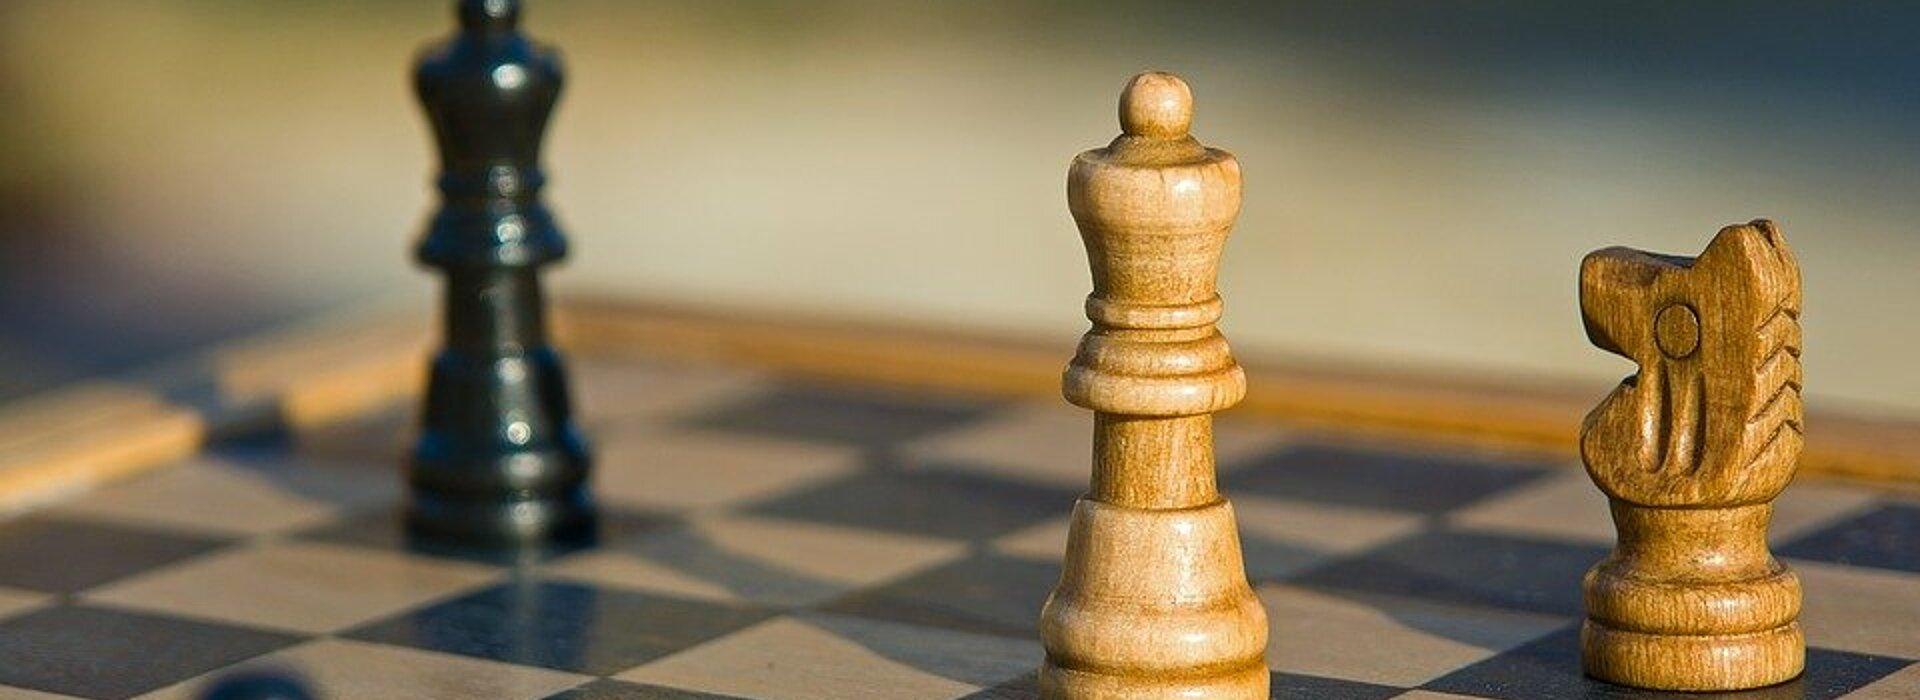 Tabuleiro de xadrez com suas peças.